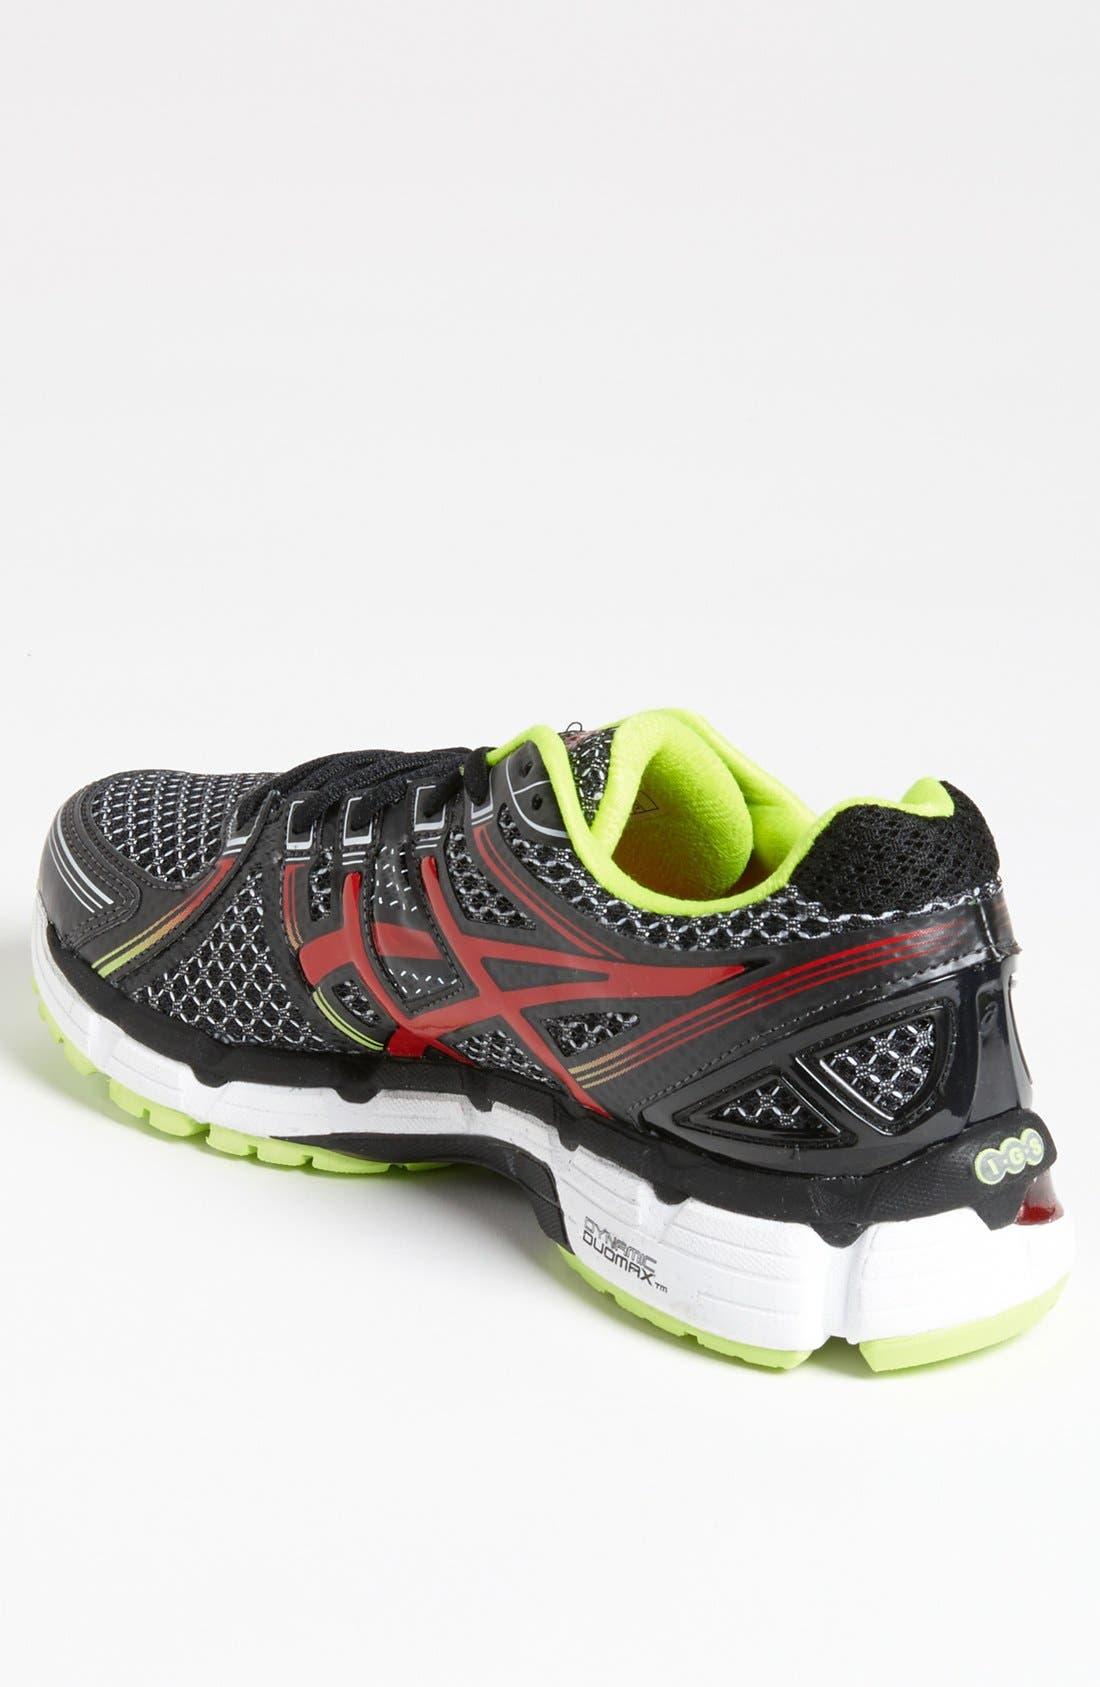 Alternate Image 2  - ASICS® 'GEL-Kayano® 19' Running Shoe (Men) (Online Only) (Regular Retail Price: $144.95)